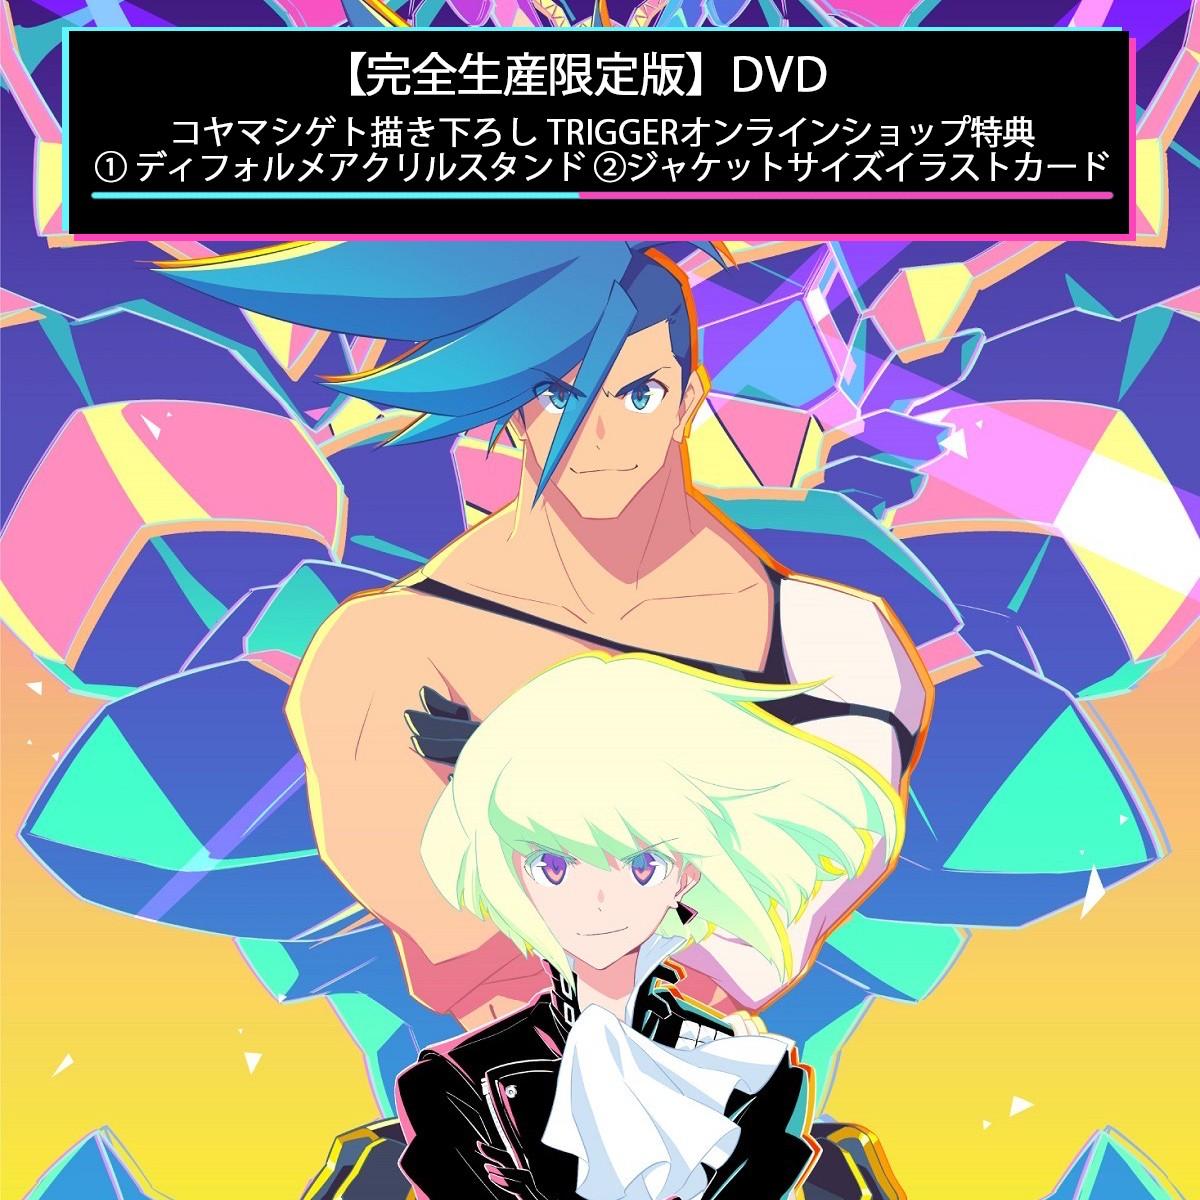 『プロメア』DVD 【完全生産限定版】 トリガーオンラインショップ購入特典付き